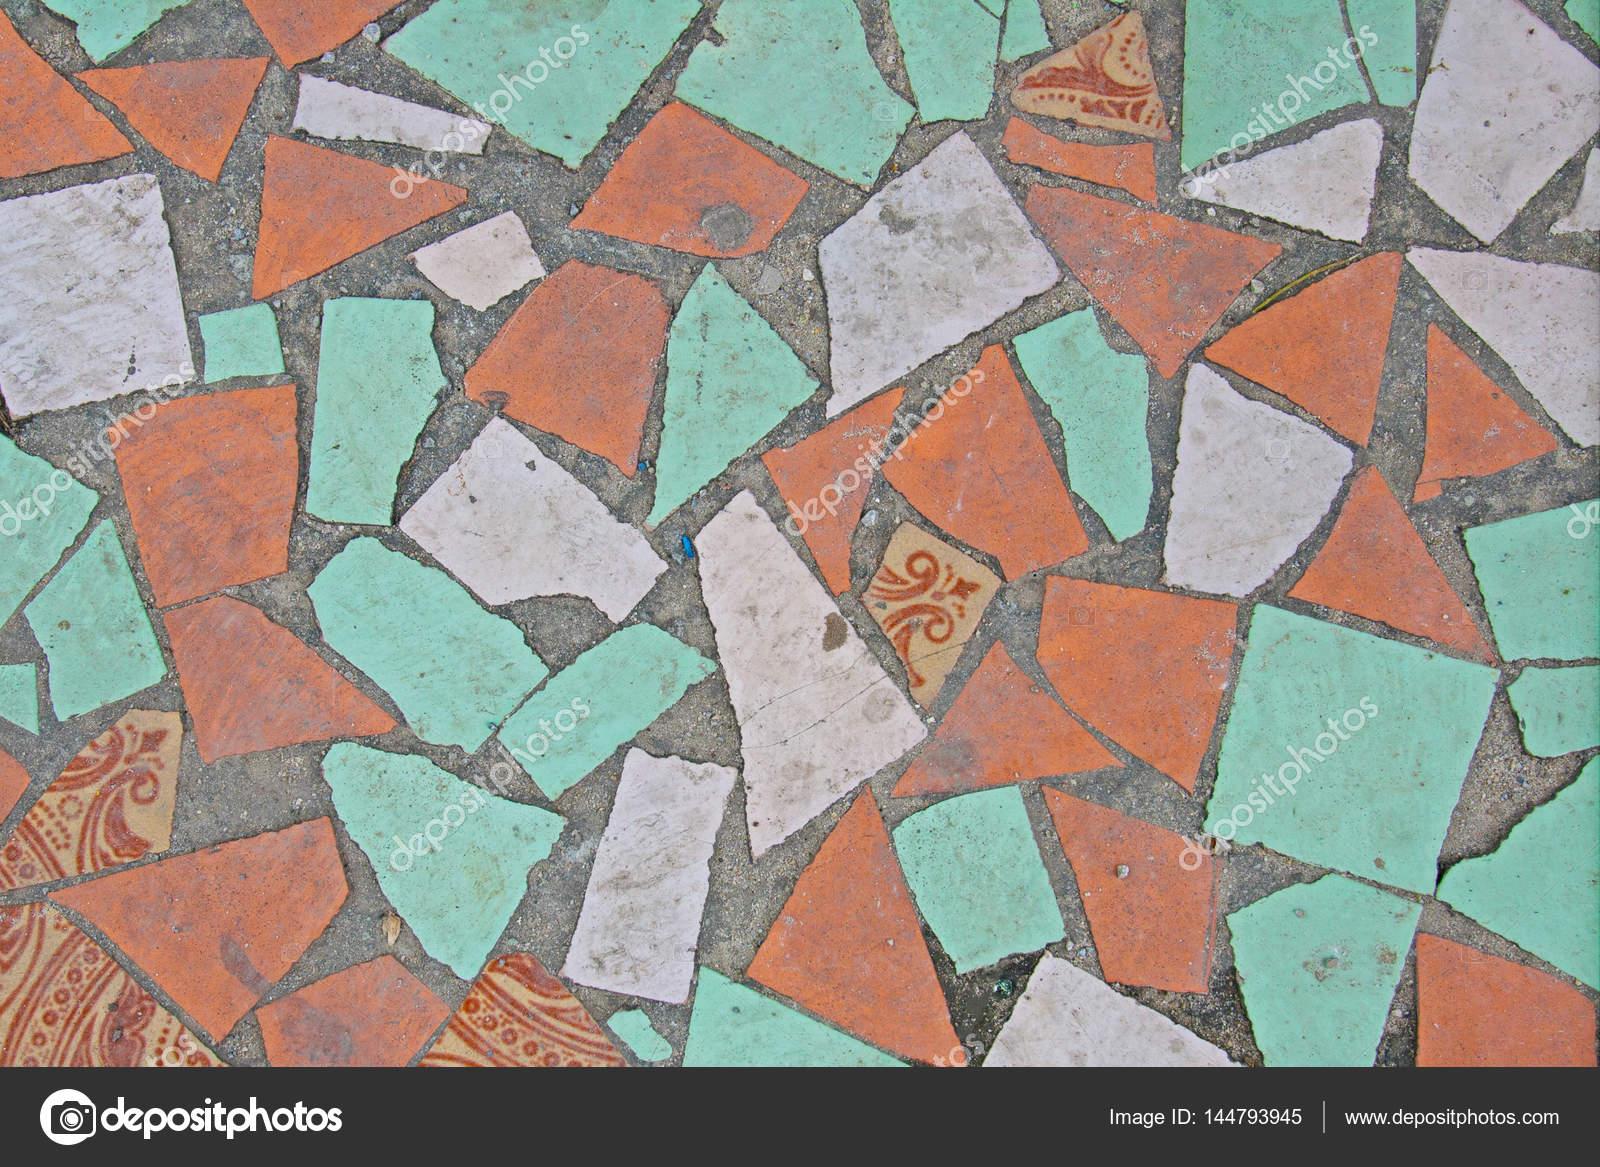 Outdoor street piastrelle con disegno geometrico la texture della